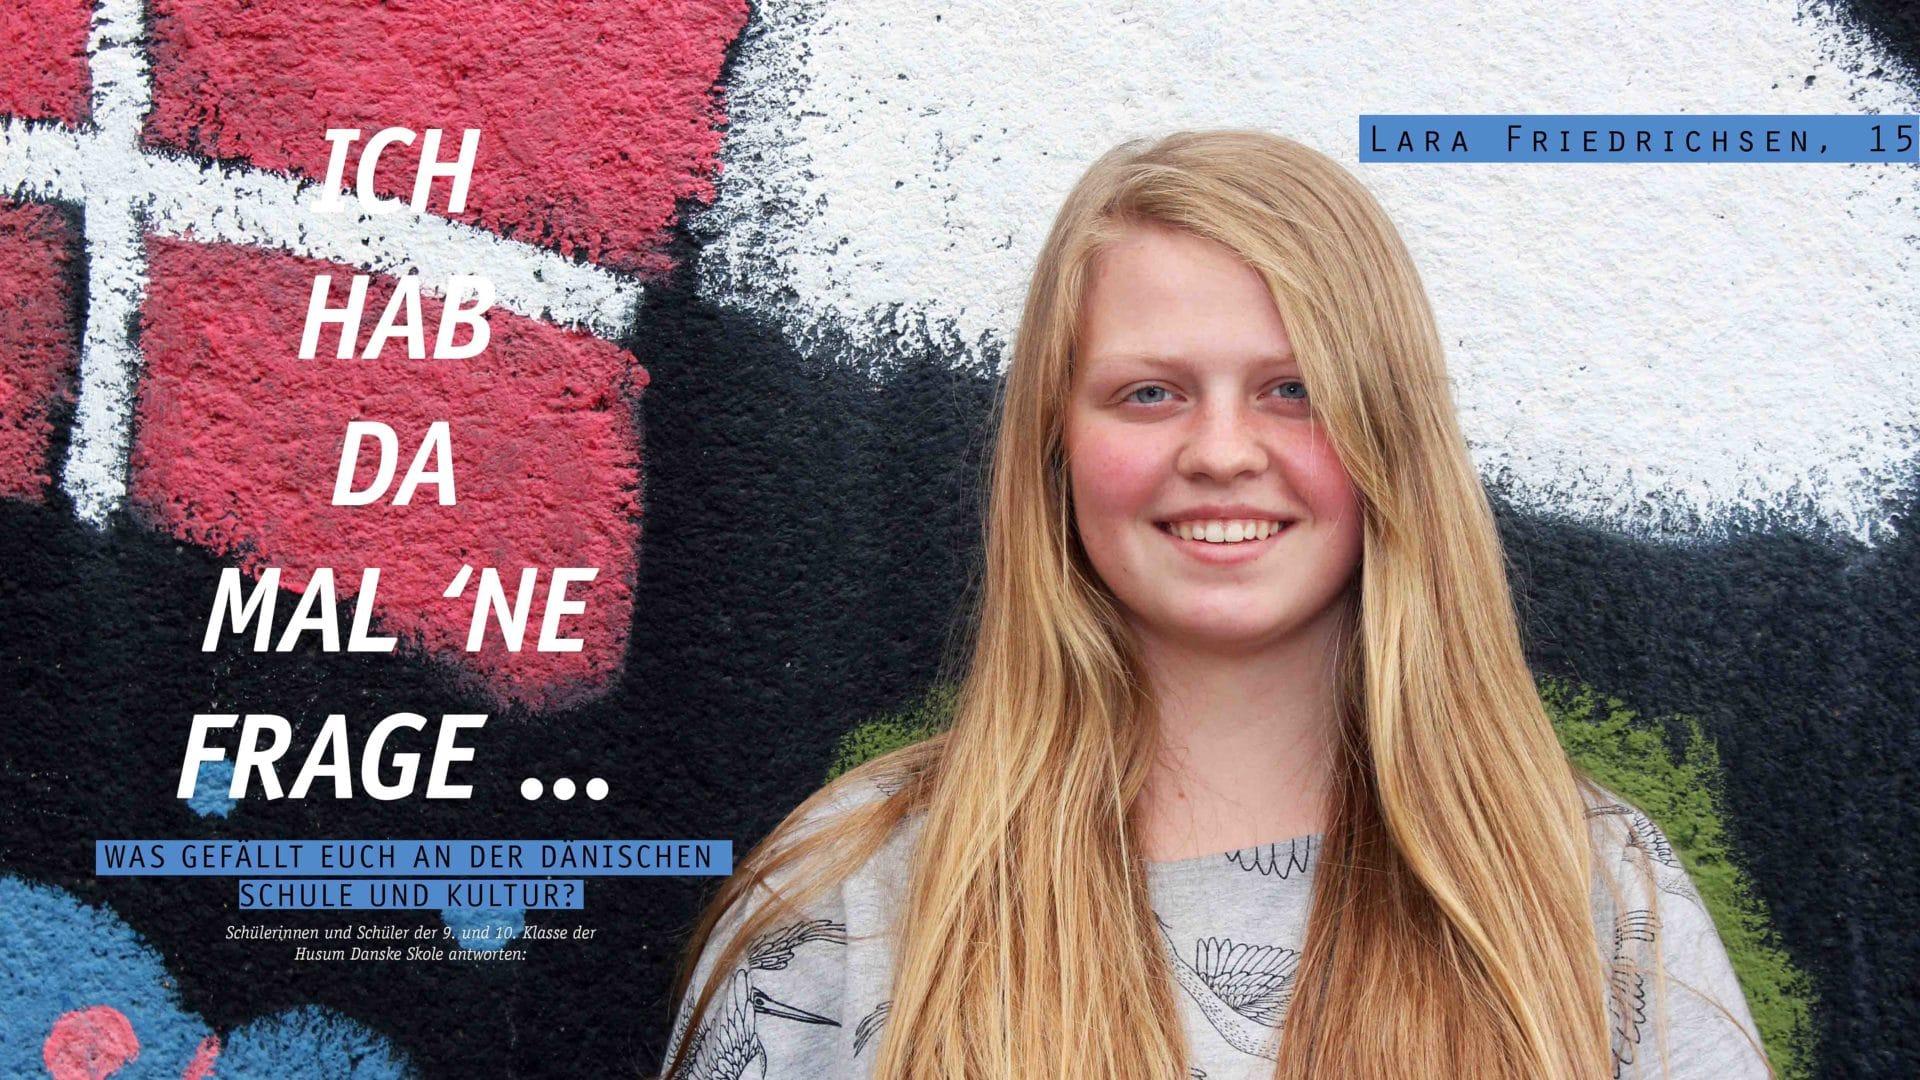 Ein blondes Mädchen steht vor einer bemalten Wand. Auf dieser ist die dänische Flagge zu sehen.